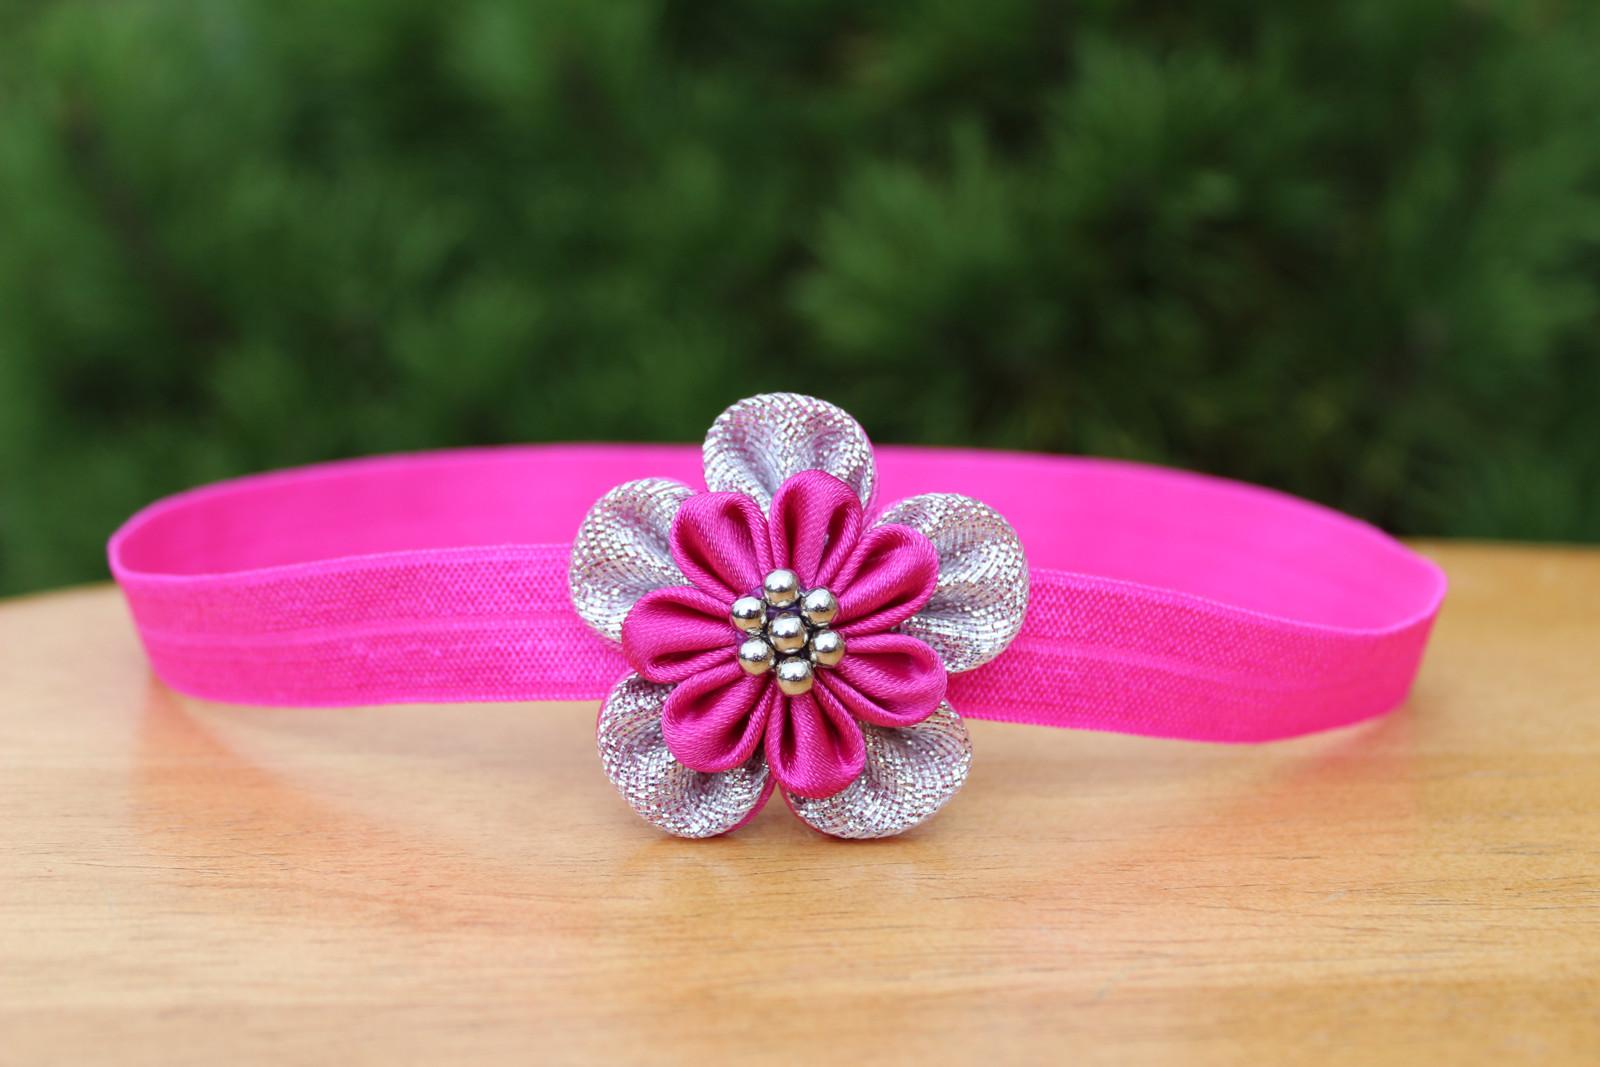 Čelenka - pruženka do vlasů růžovo-stříbrný květ   Zboží prodejce ... 35c56de585